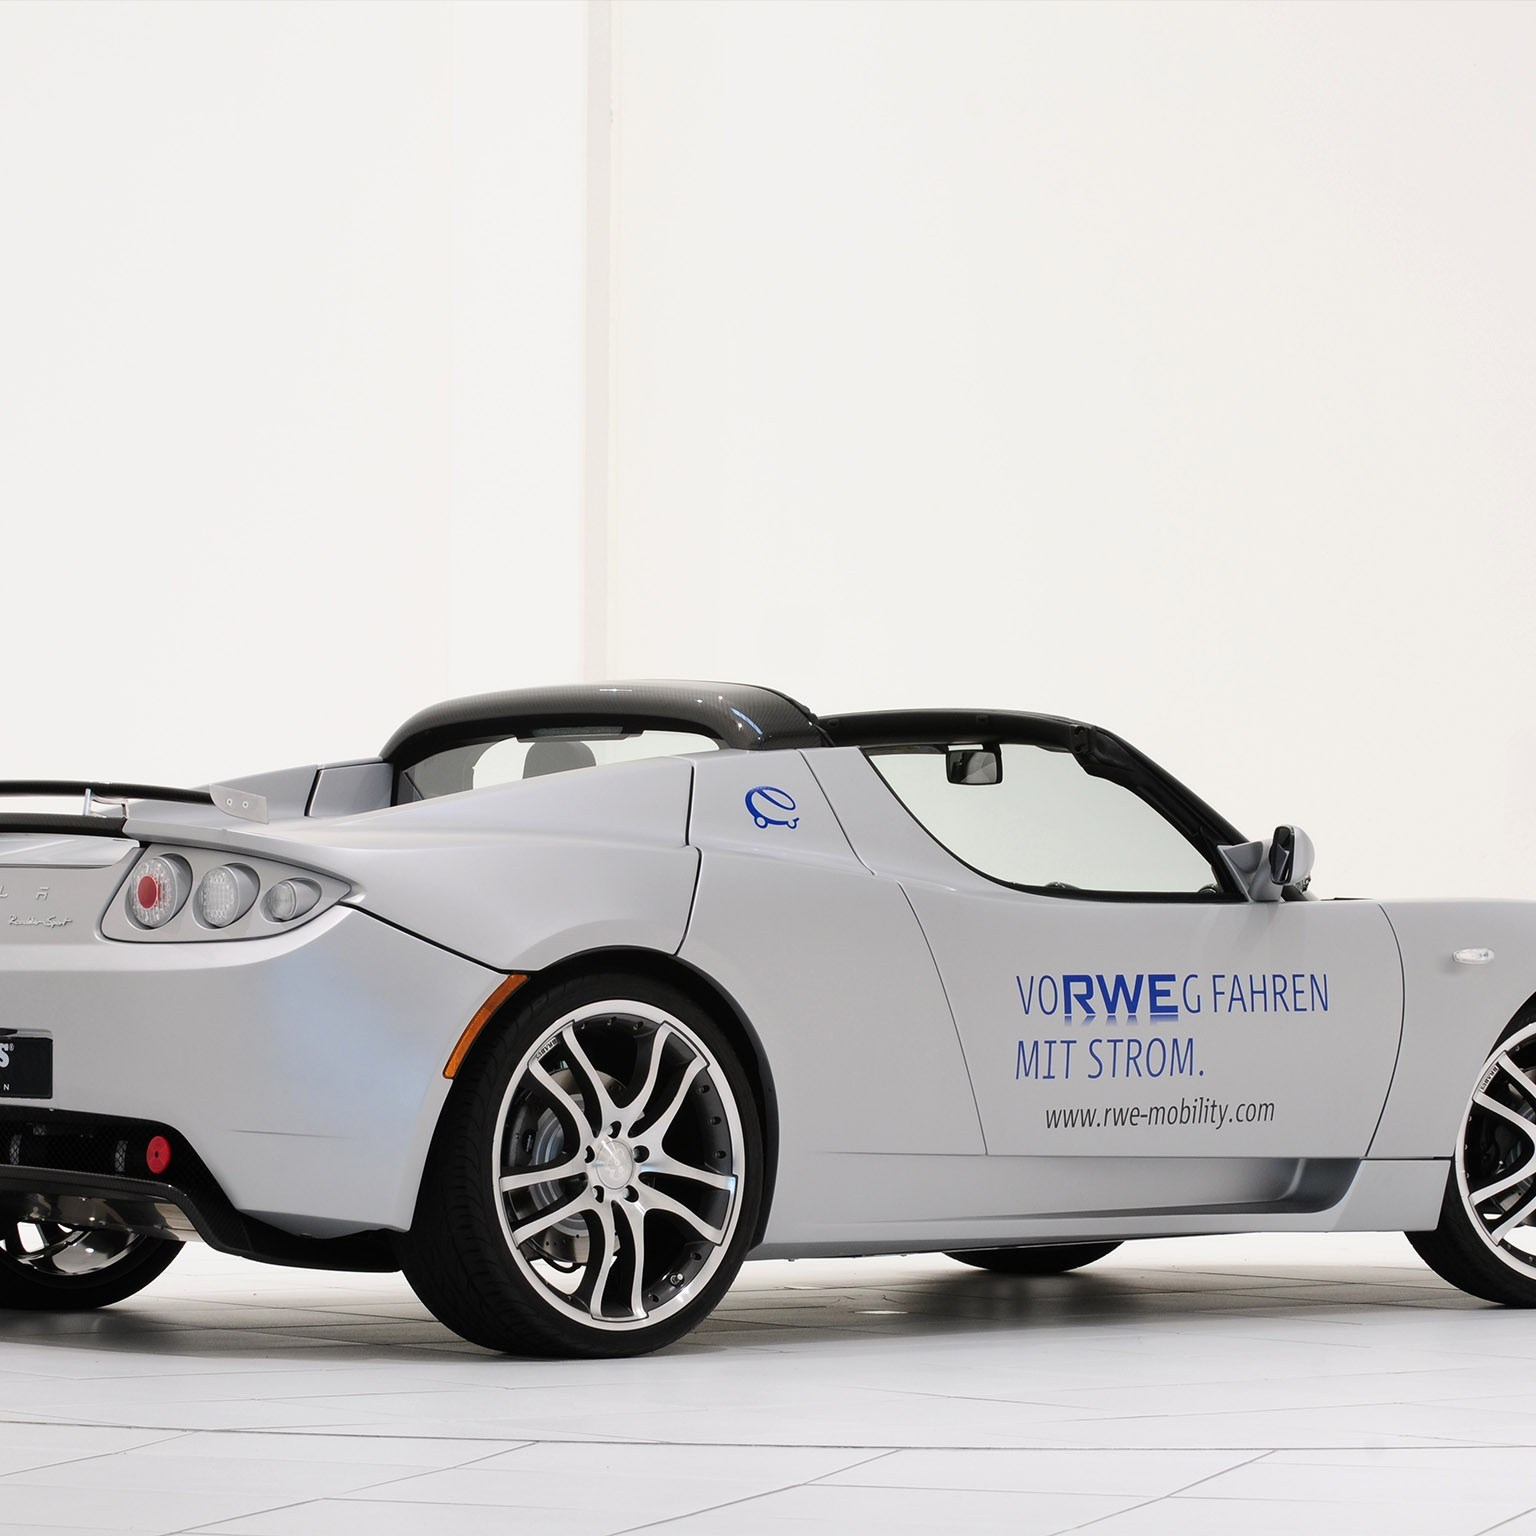 2009 Brabus Tesla Roadster RWE